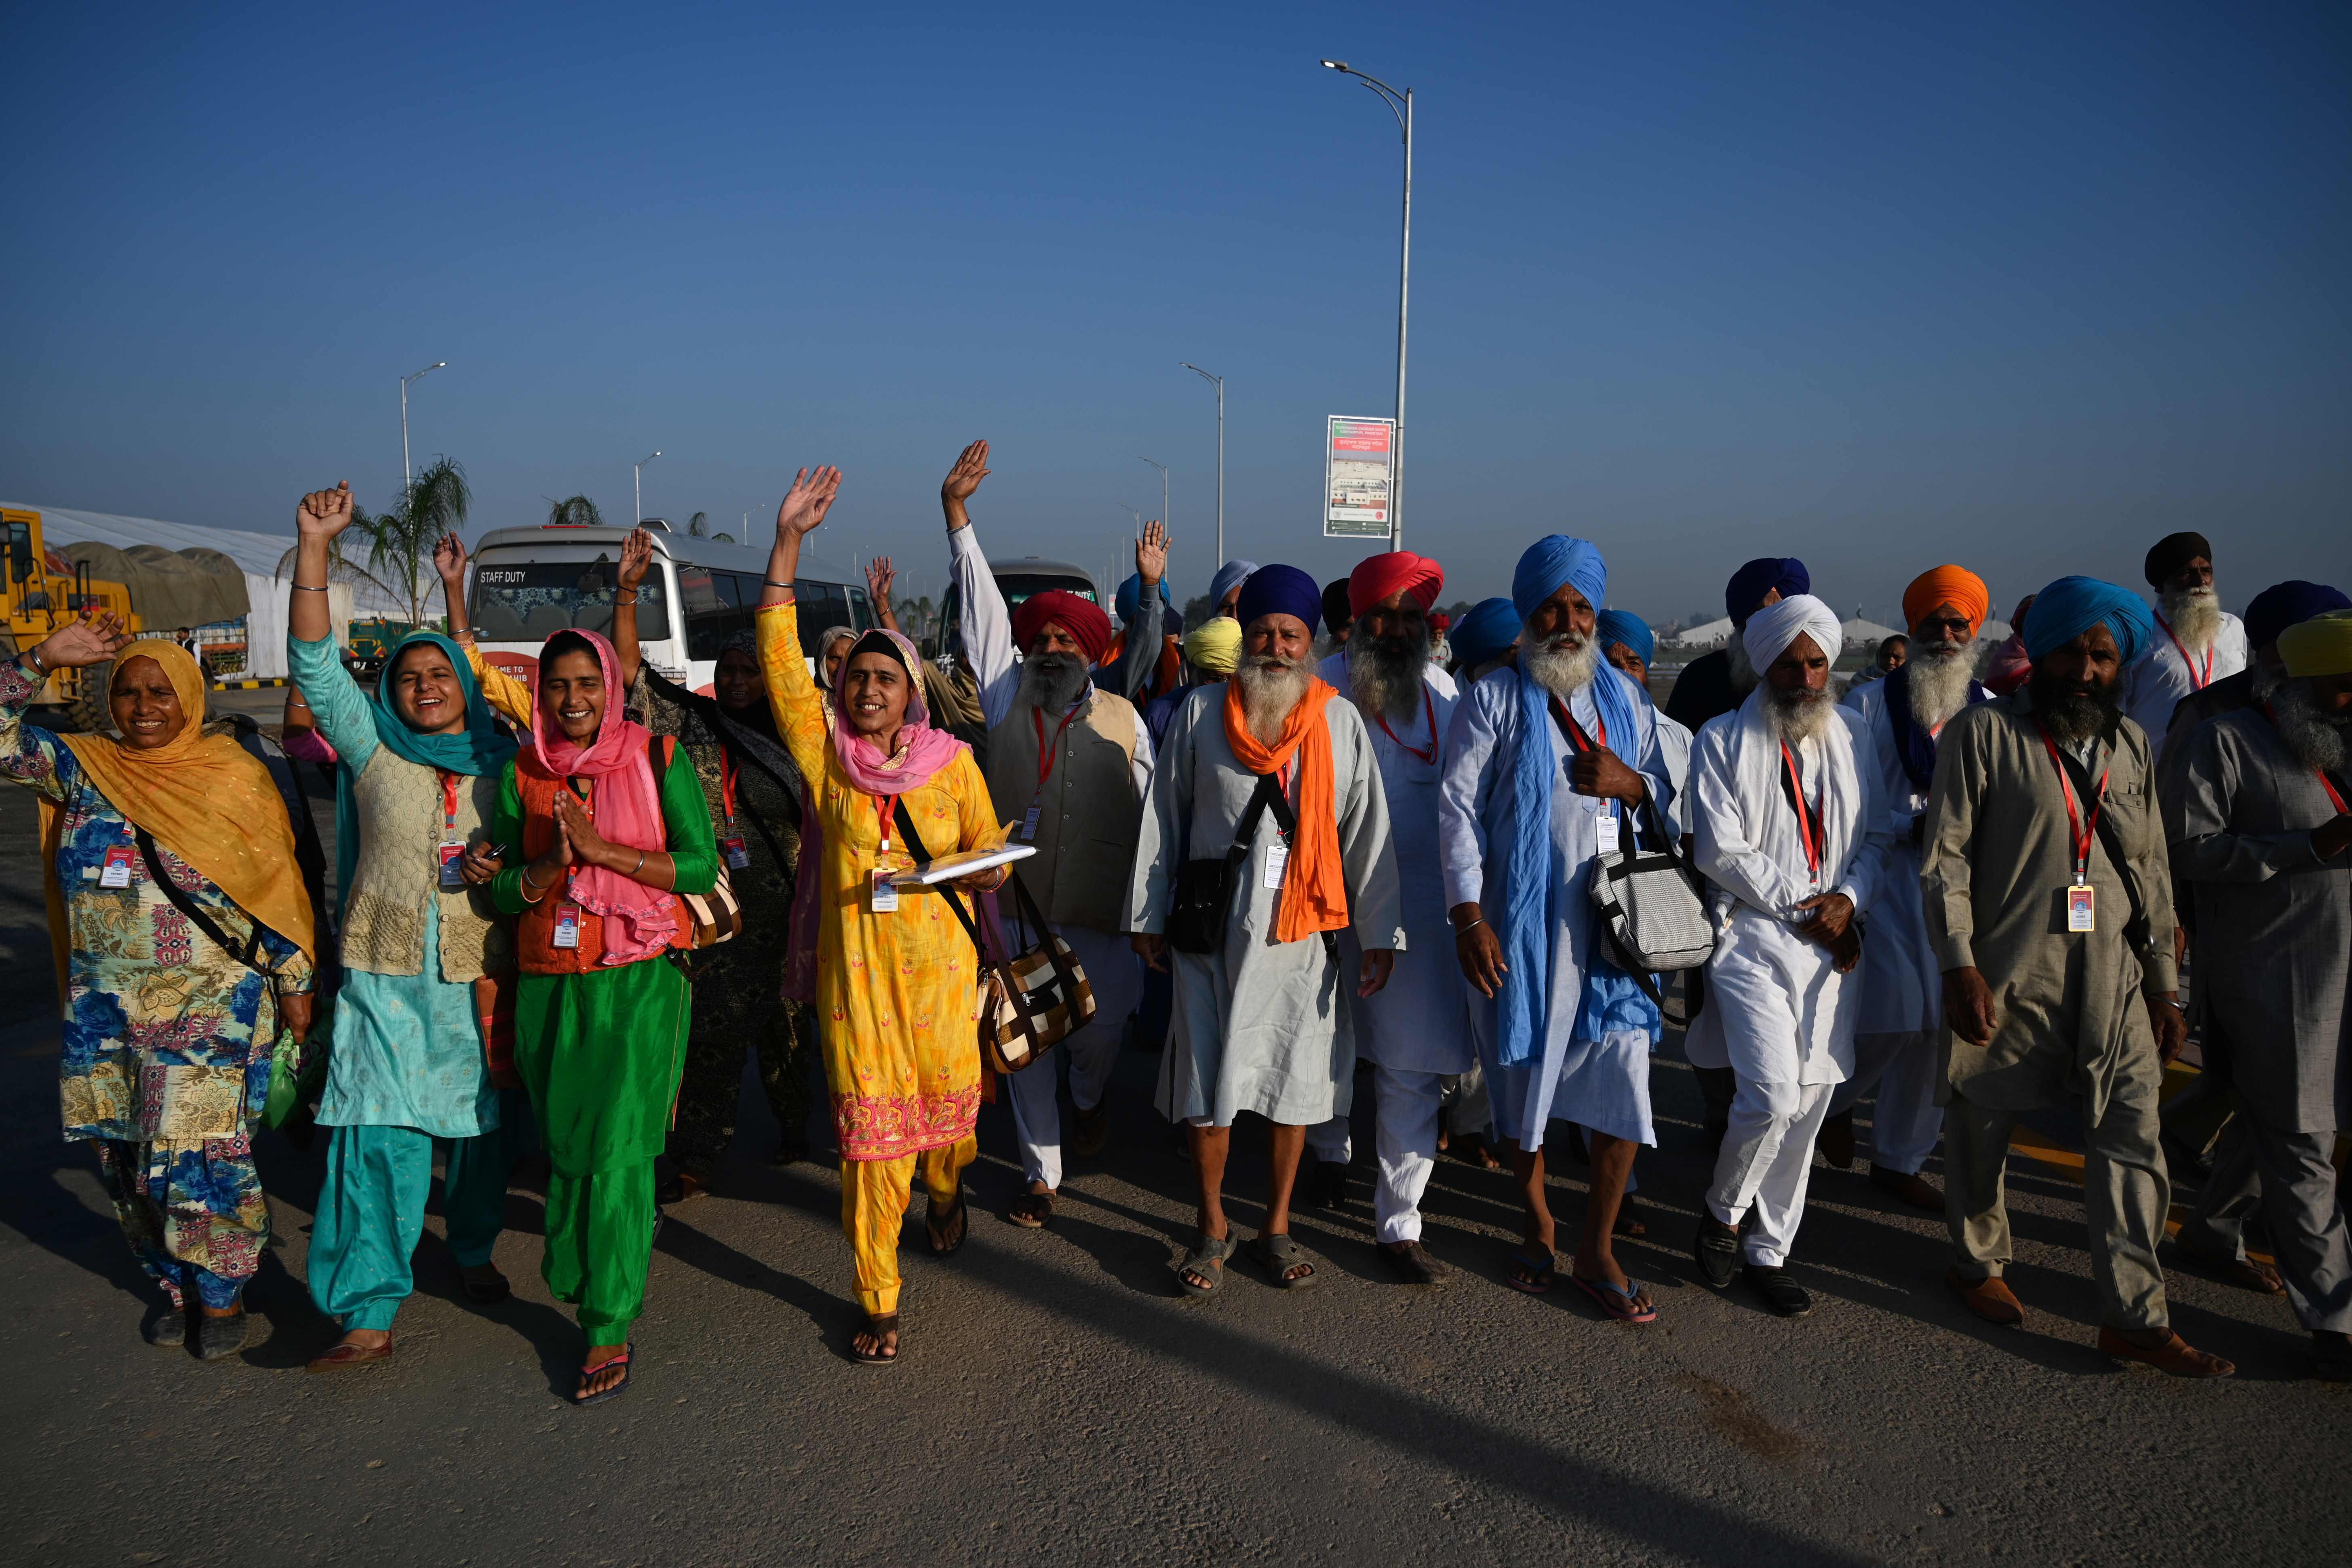 Sikh pilgrims shout slogans as they arrive to visit the Shrine of Baba Guru Nanak Dev at Gurdwara Darbar Sahib in Kartarpur. Photo: AFP